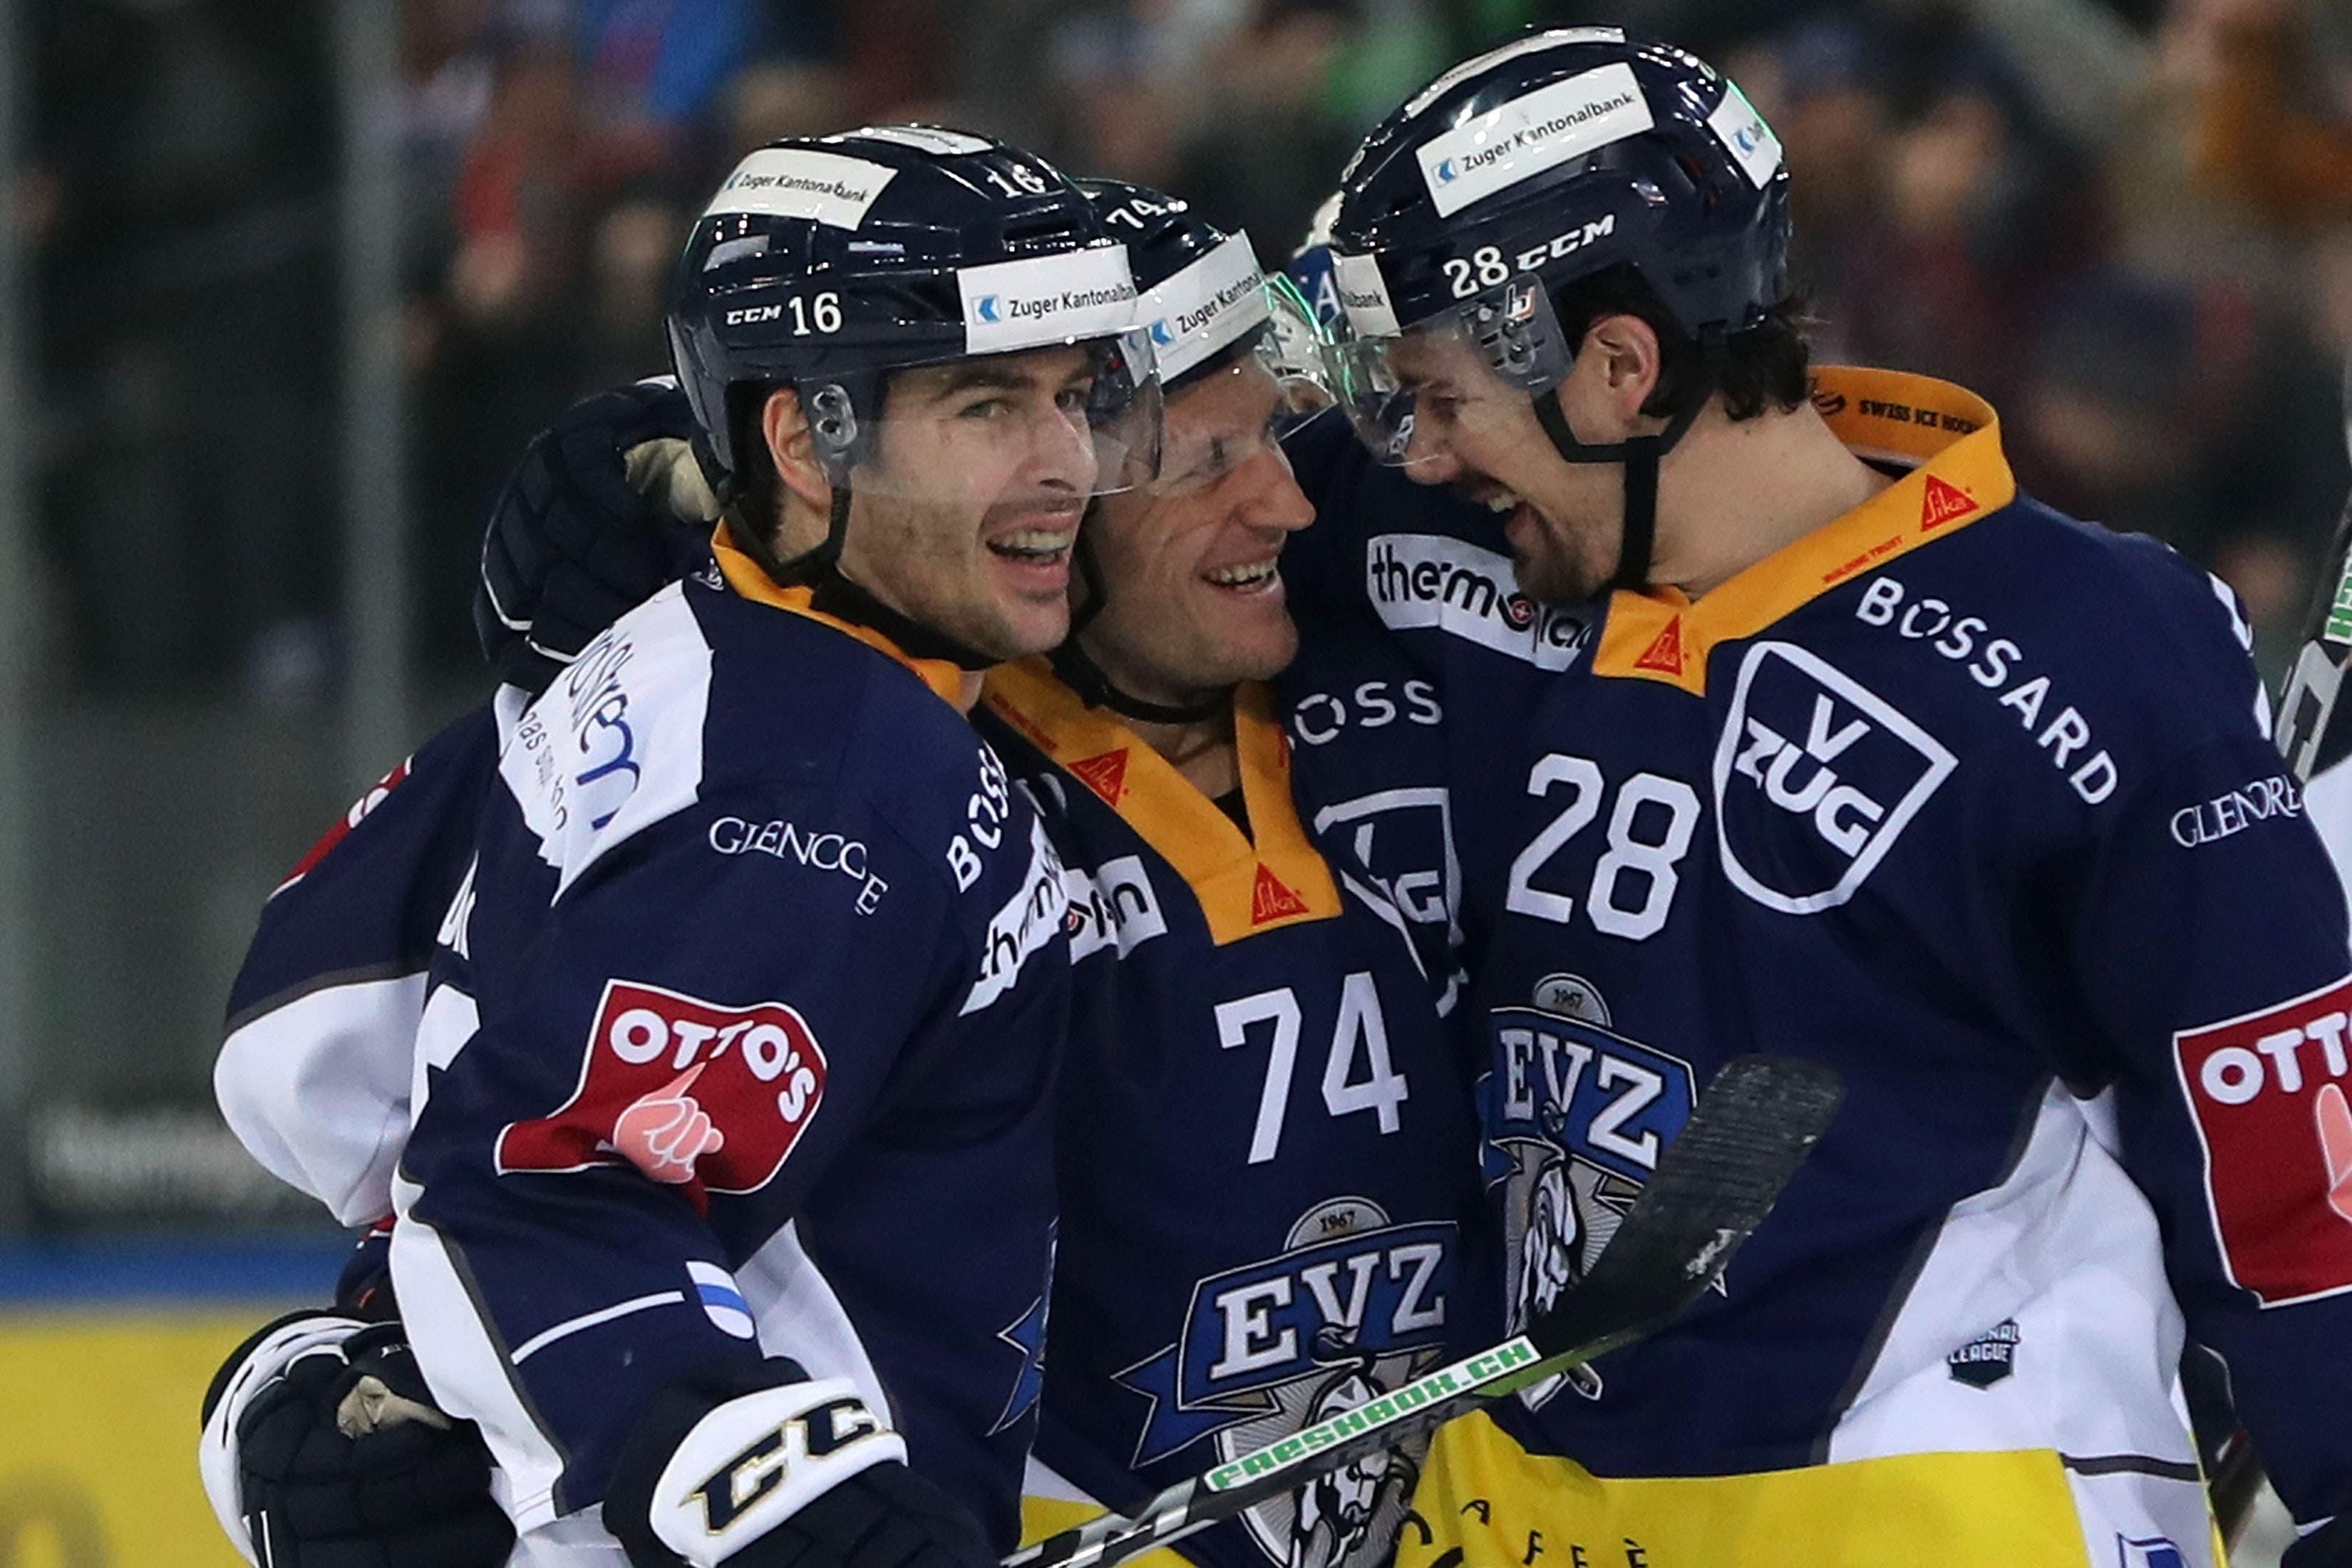 Jubel nach dem 2:0 bei den Zugern Raphael Diaz, Johan Morant und Yannick-Lennart Albrecht (von links).